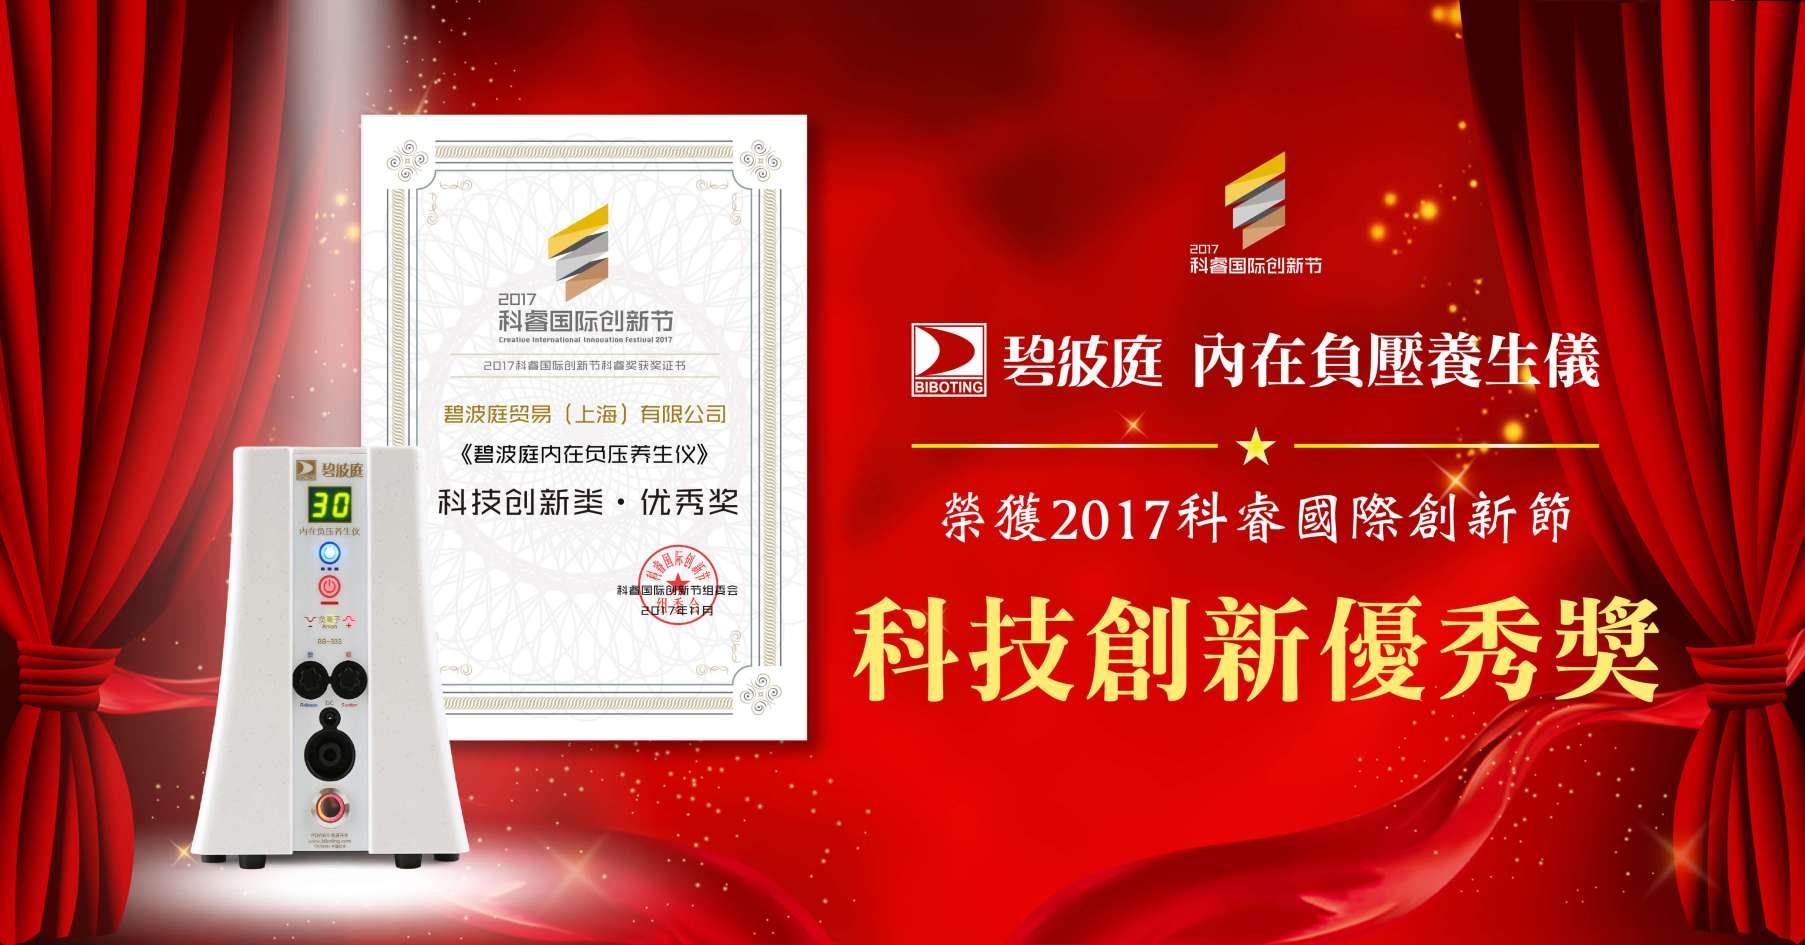 狂賀碧波庭榮獲2017科睿國際創新節-科技創新優秀獎